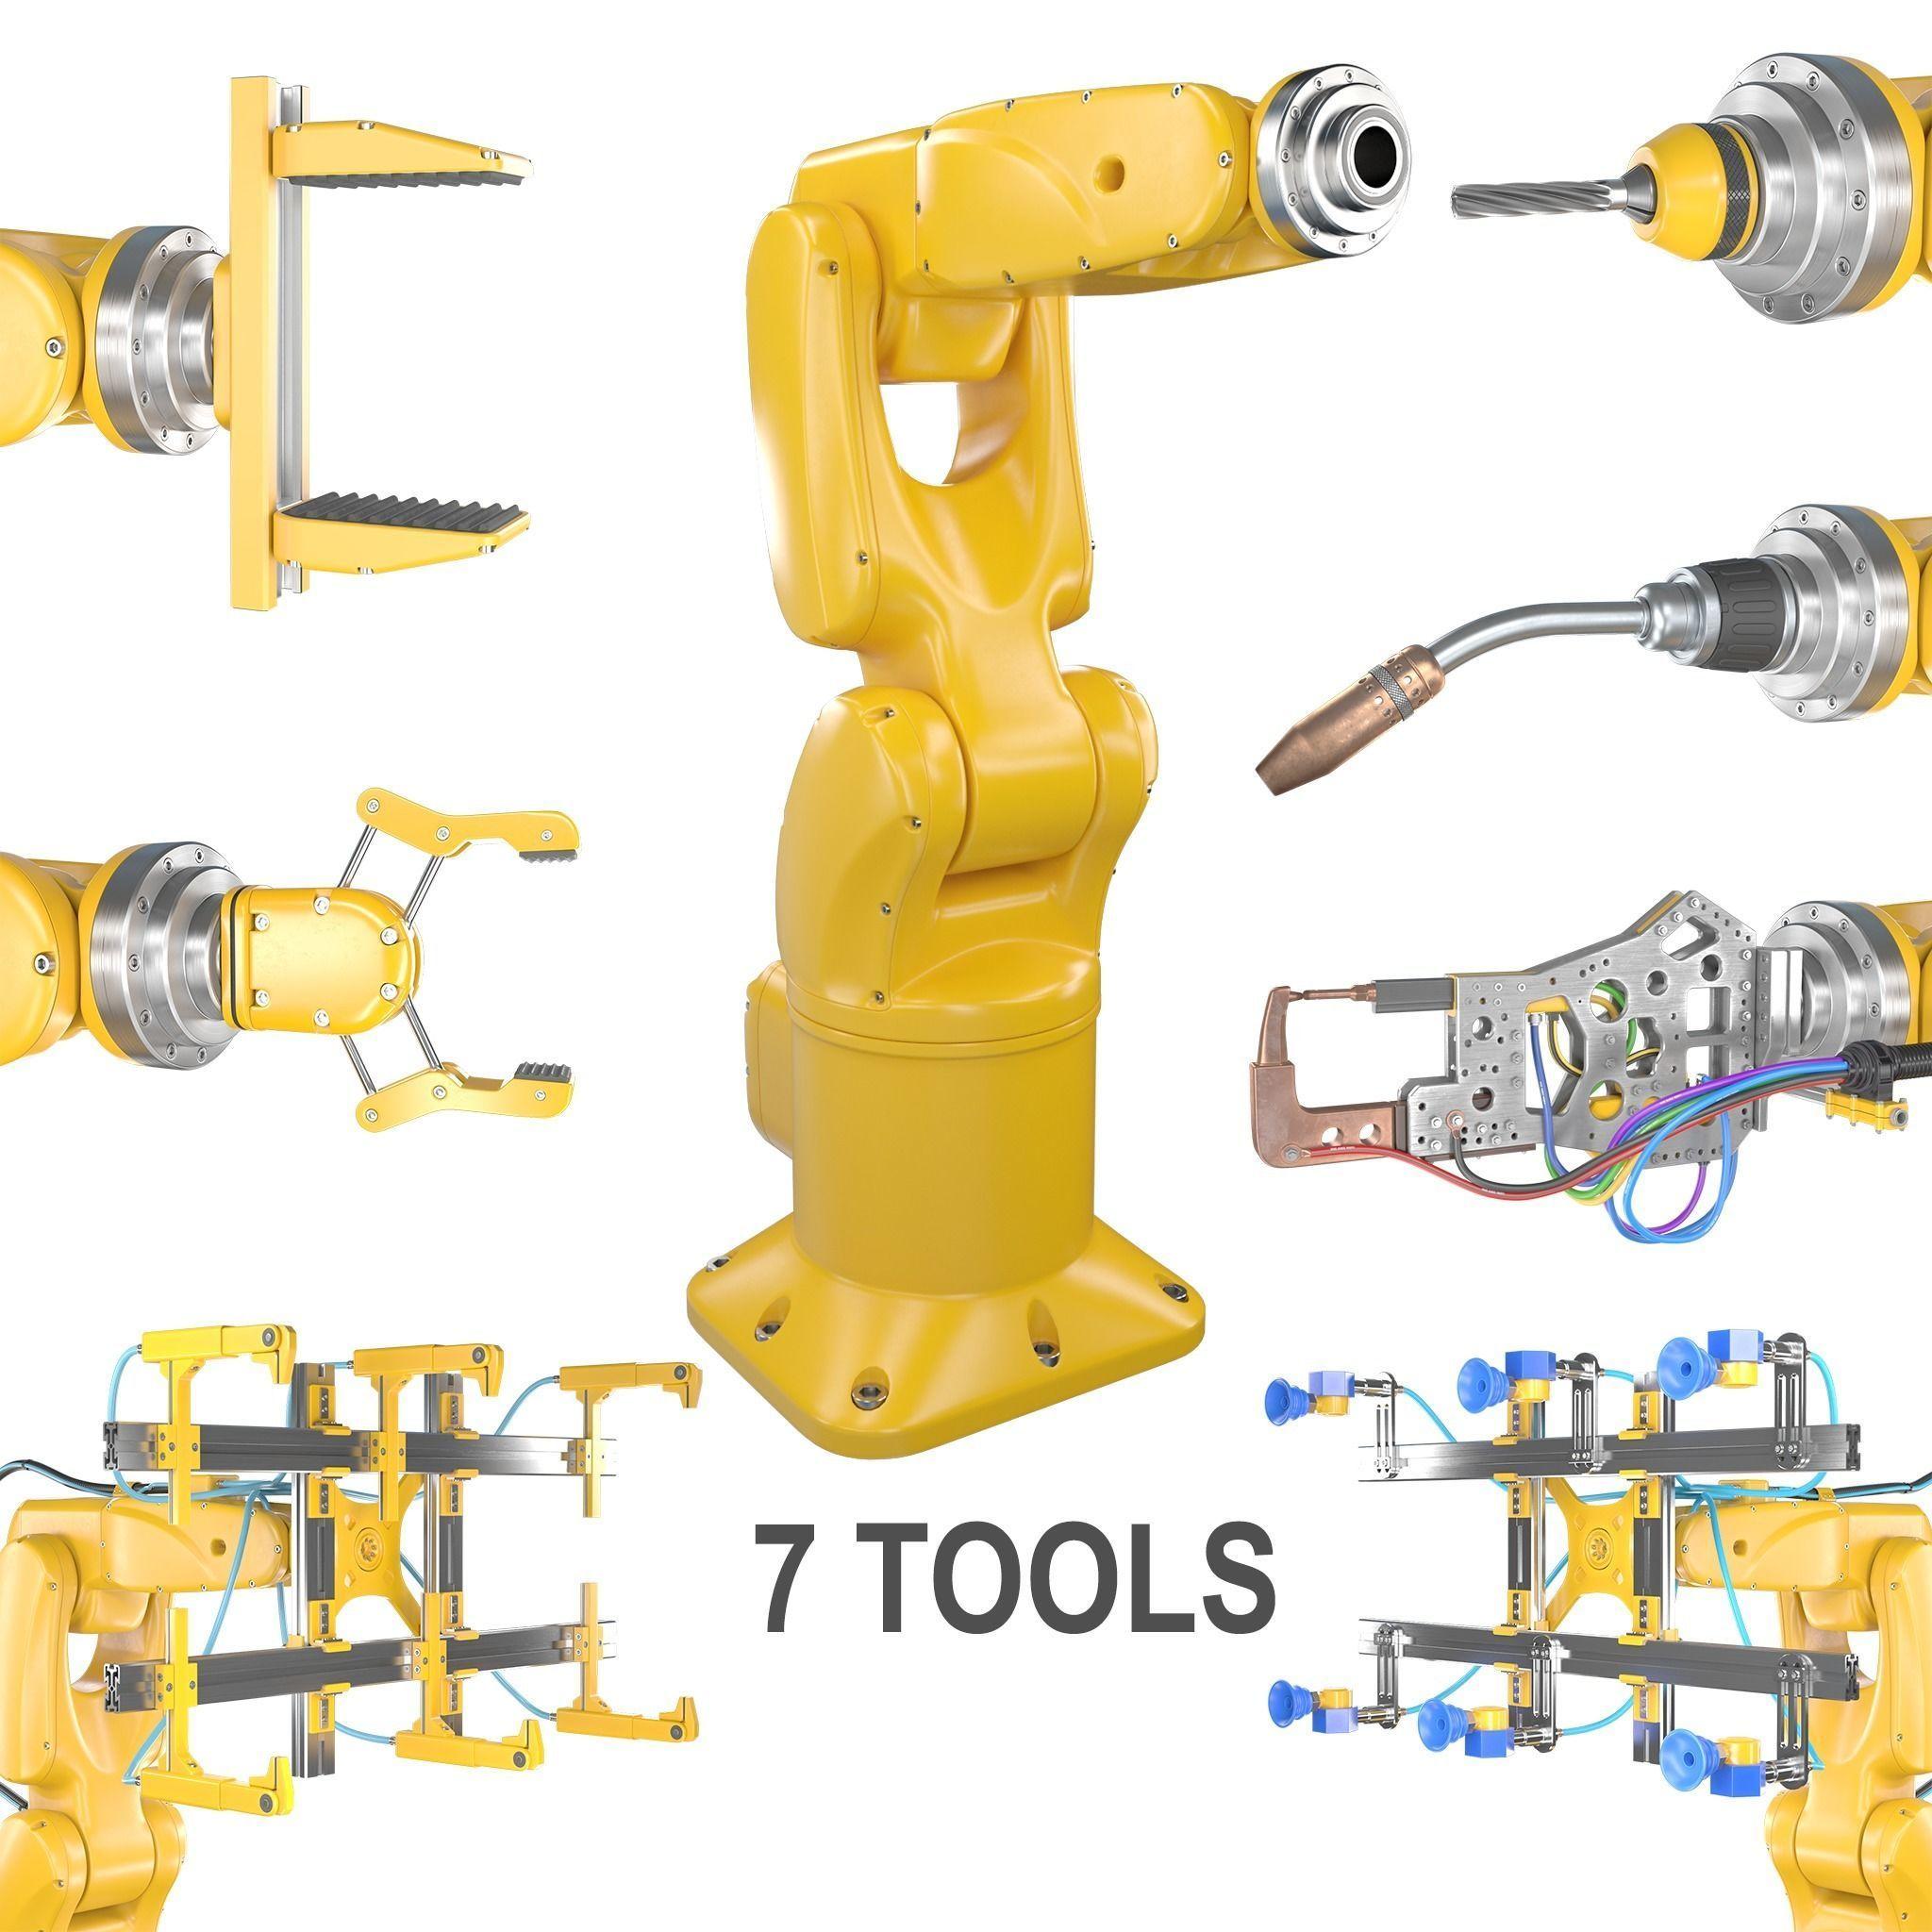 Industrial Robotic Arm   and 7 tools 3D model